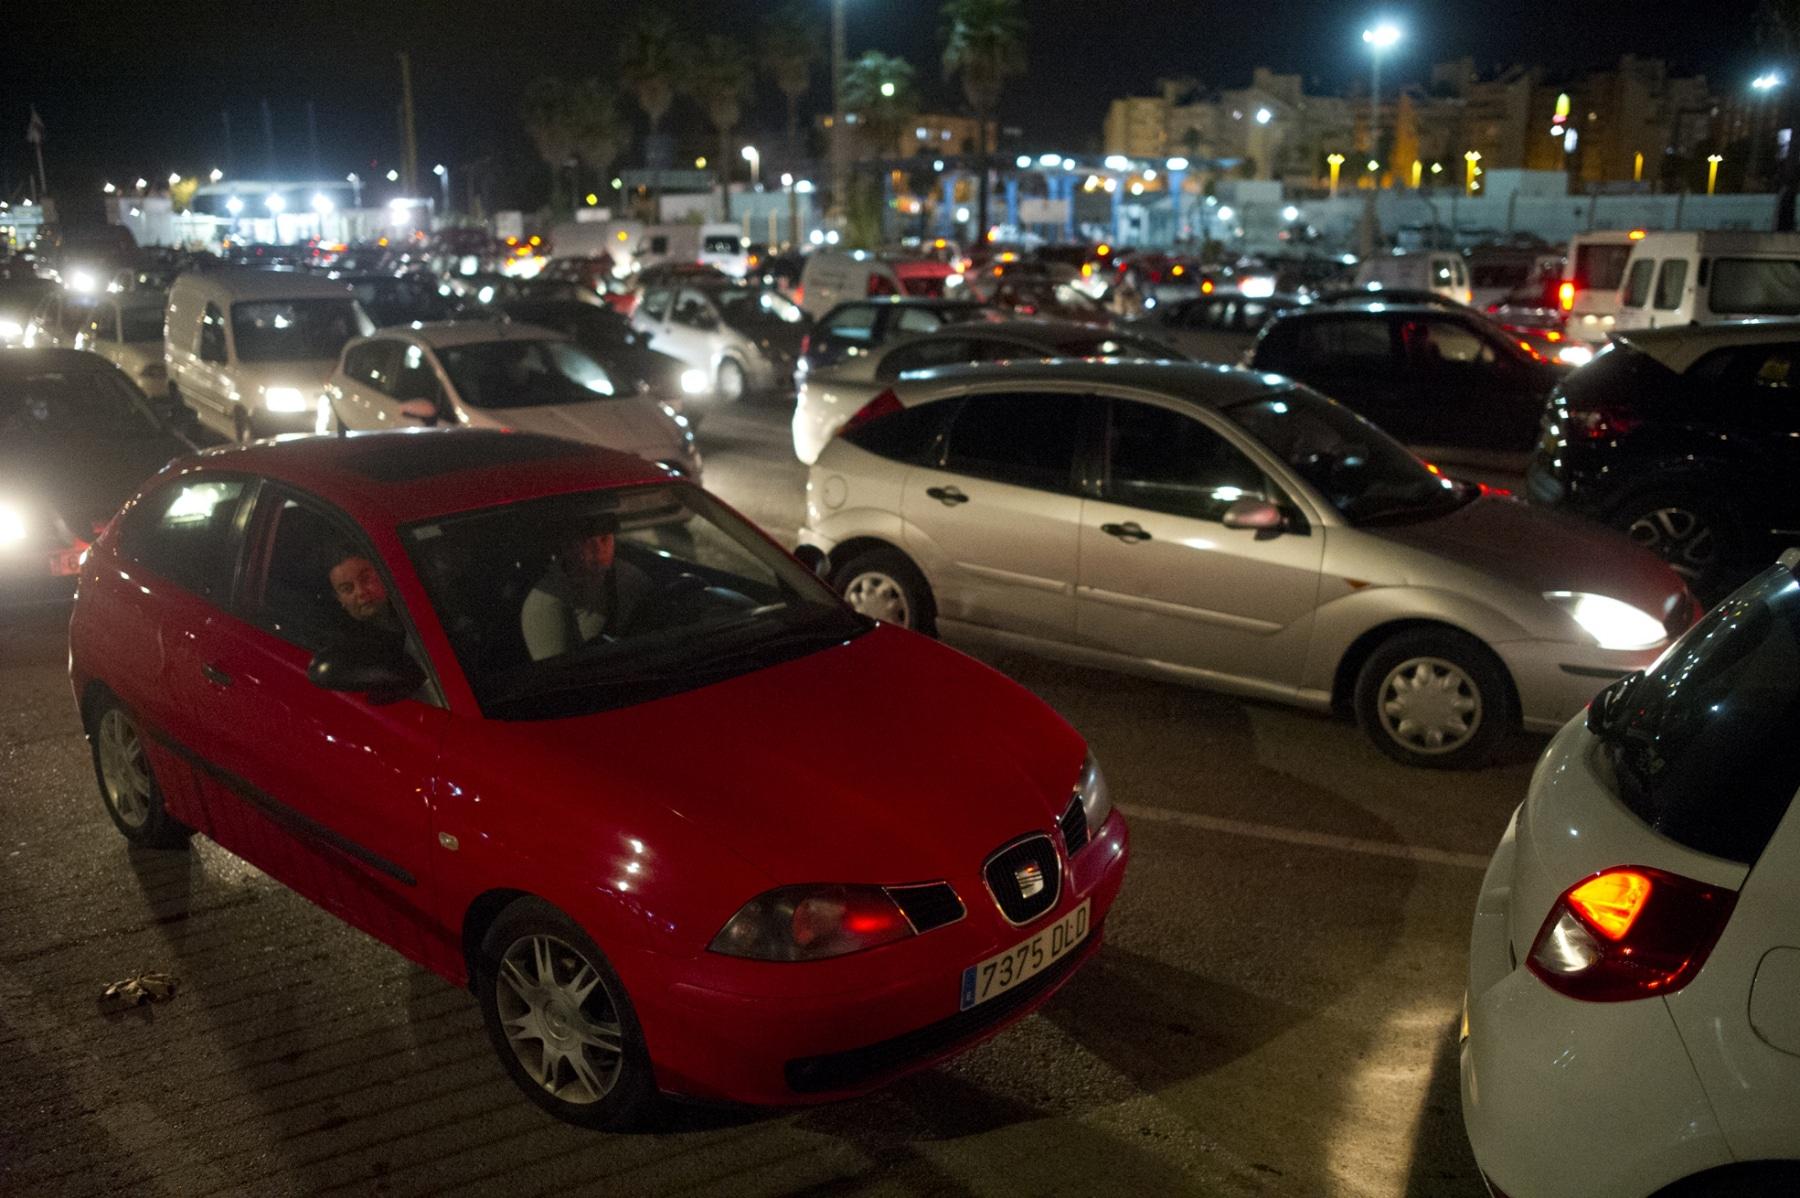 25-noviember-2014-cola-de-salida-gibraltar-09_15695195950_o